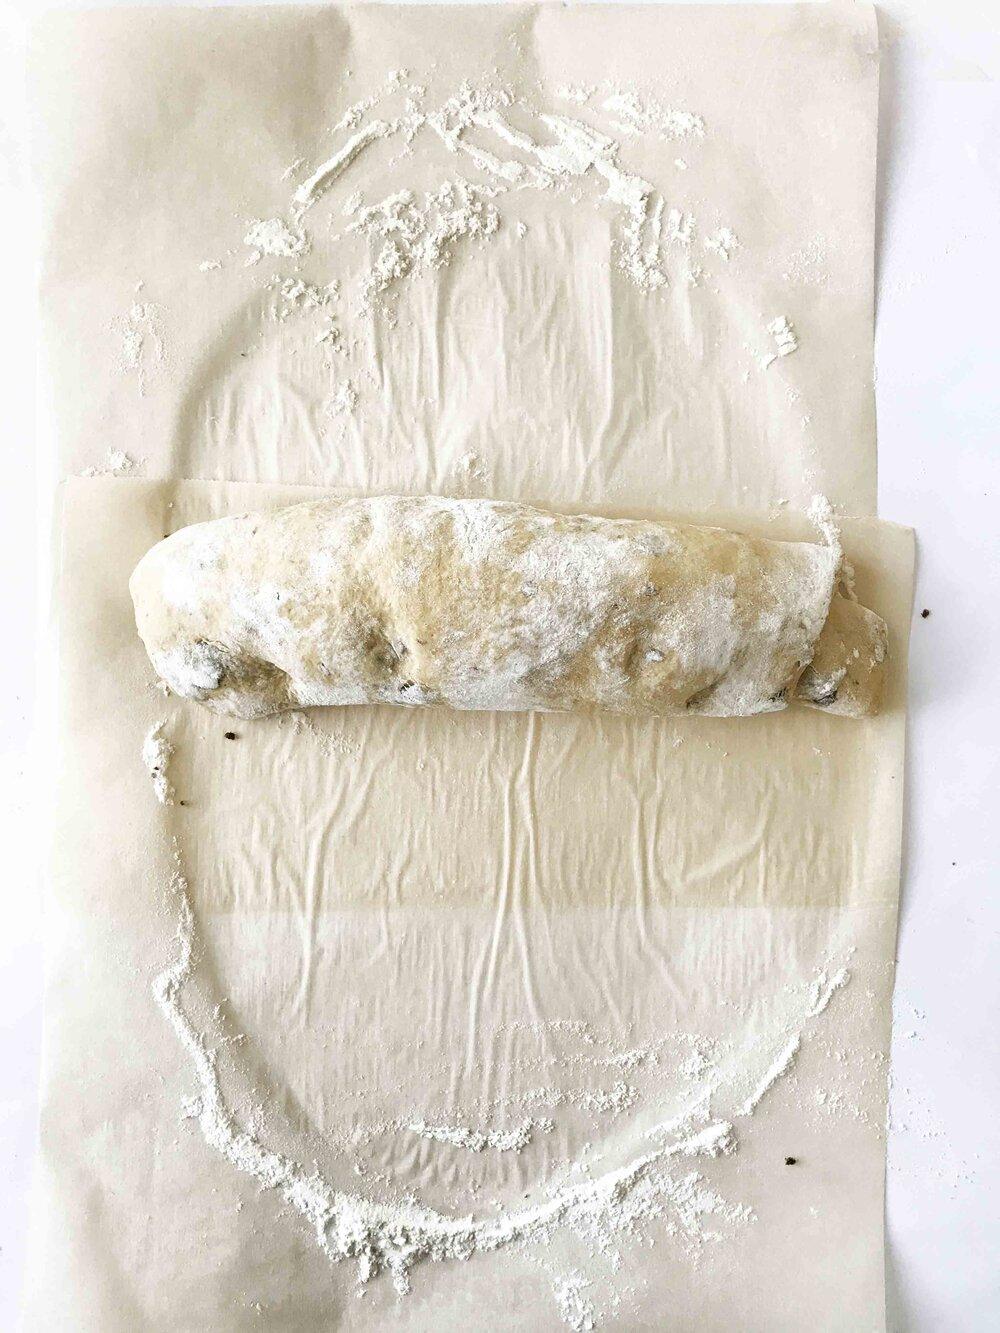 cinnamon-raisin-bread5.jpg